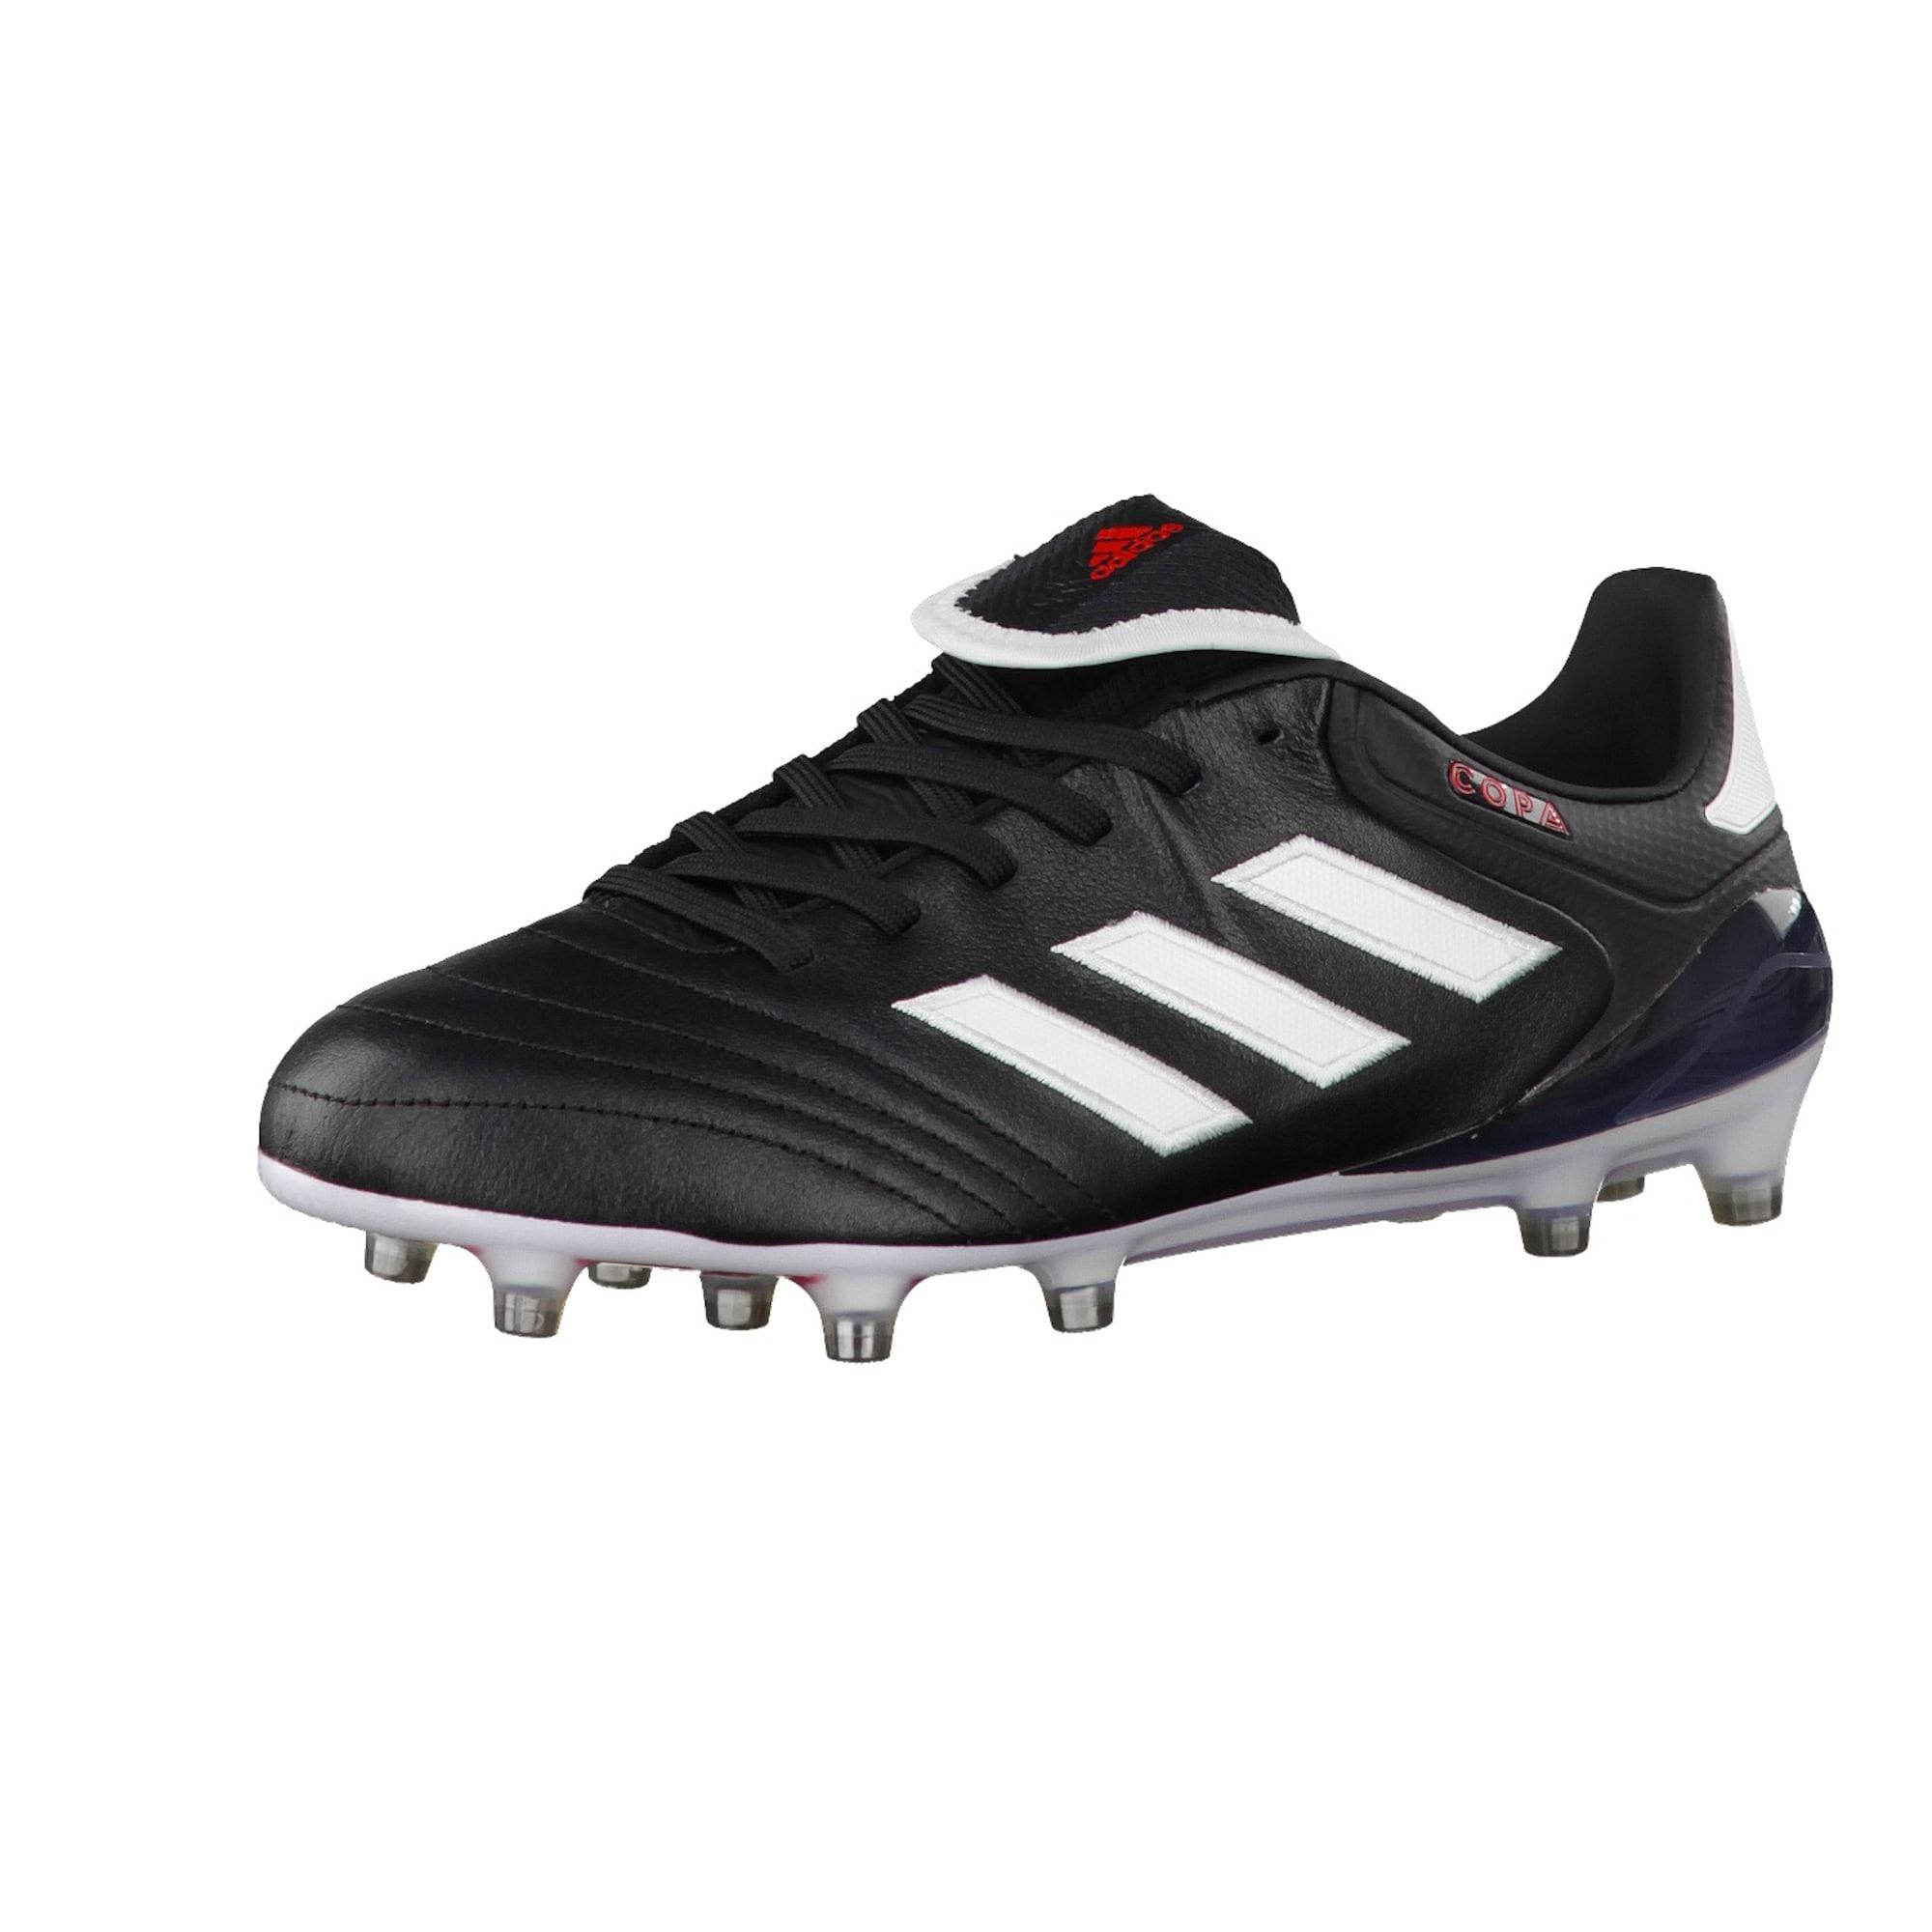 Fussballschuhe COPA 17.1 FG BB3551 | Schuhe > Sportschuhe > Fußballschuhe | ADIDAS PERFORMANCE